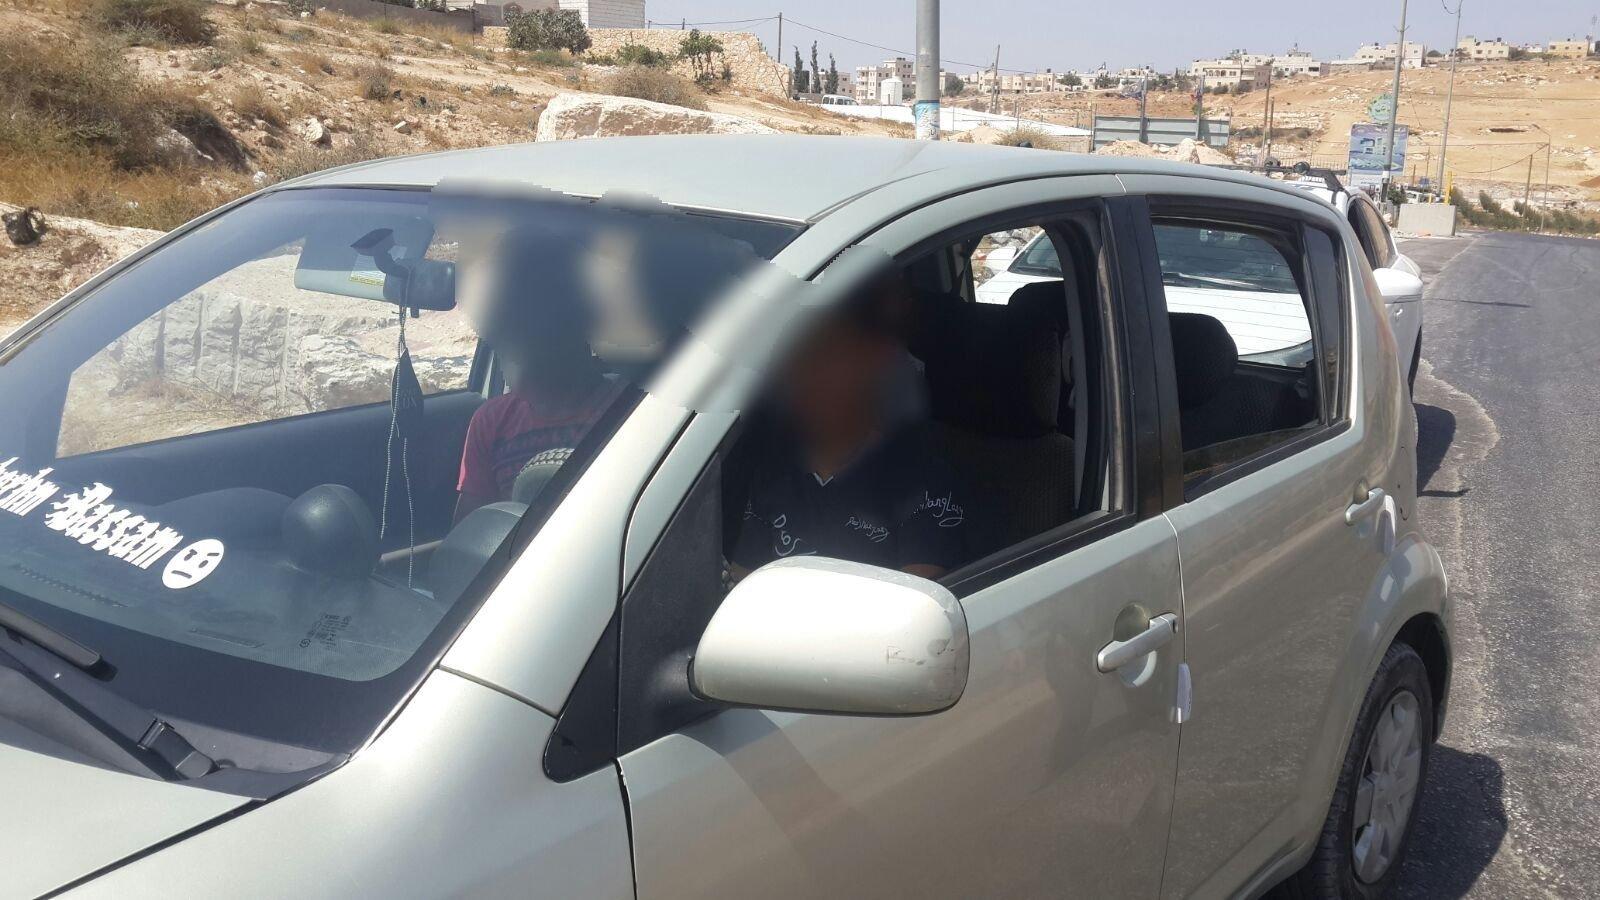 ضبط طفل عمره 12 عامًا فقد يقود سيارة بالخليل .. هدية من والده!